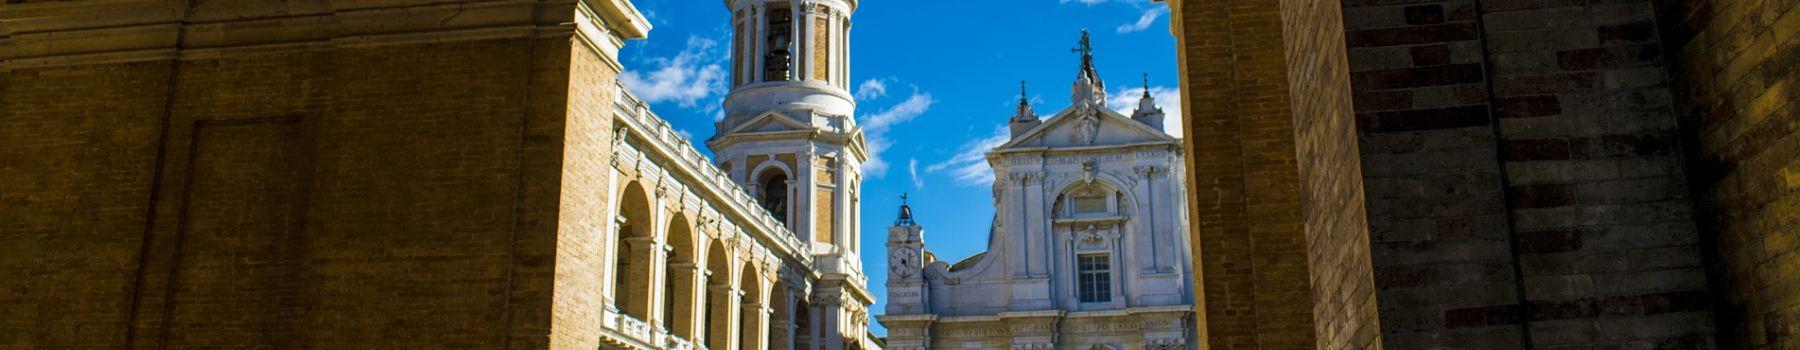 Rejoignez la ville de Loreto avec Bonelli Bus, site religieux pittoresque et important centre historique et artistique dans la province d'Ancône.